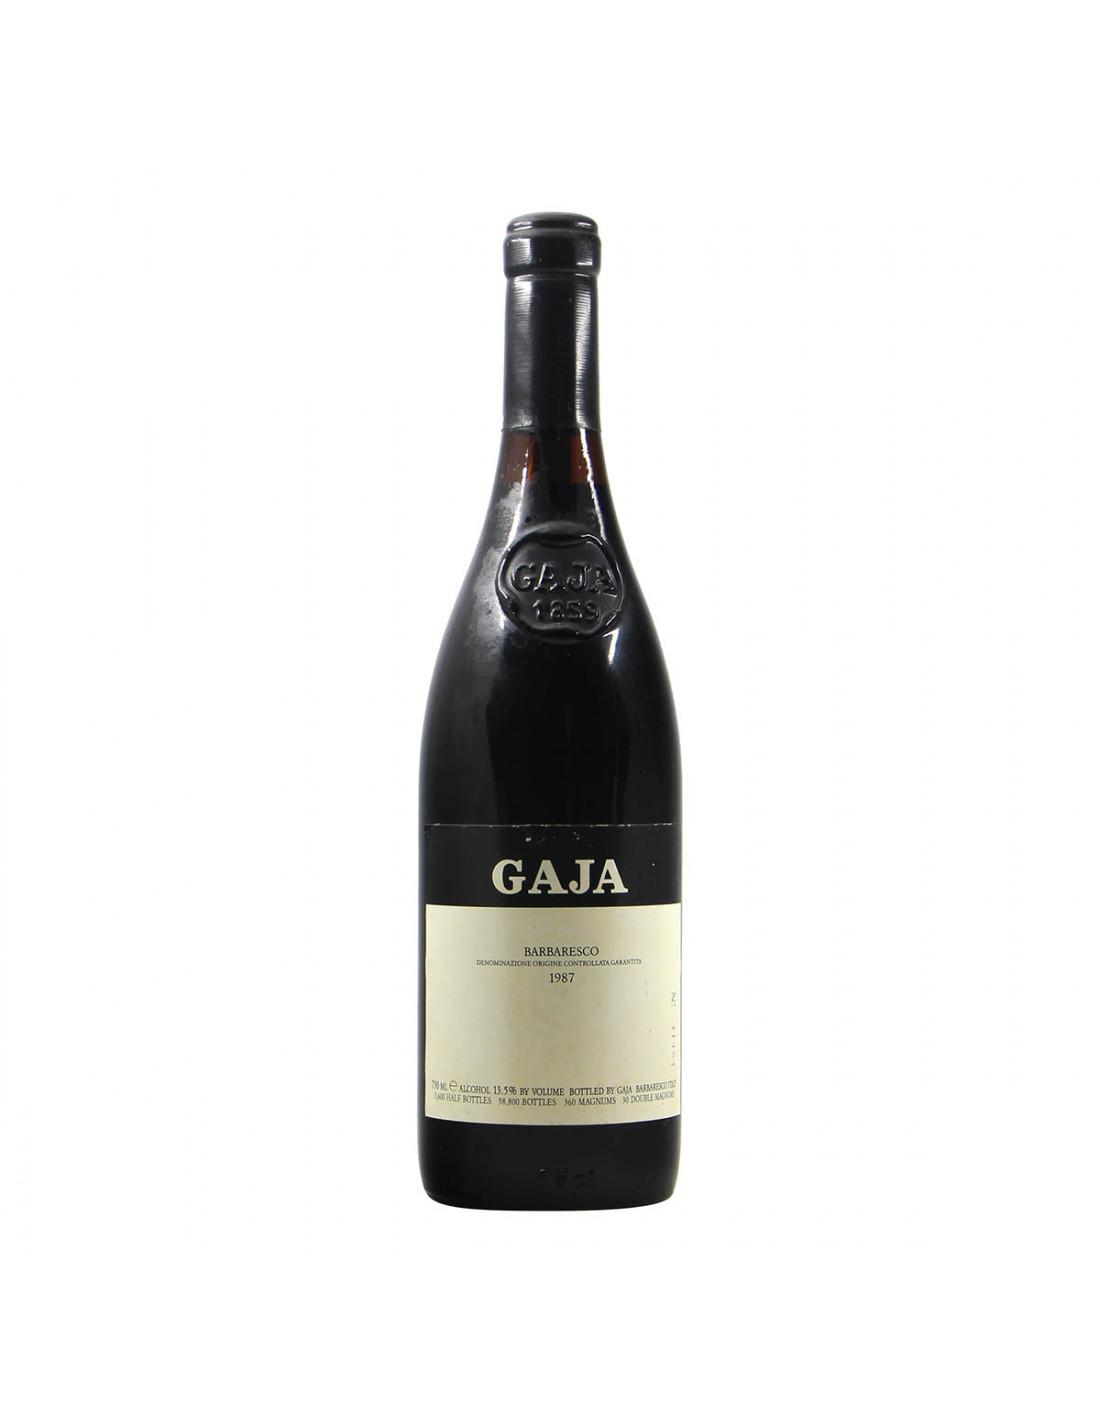 Gaja Barbaresco 1987 Grandi Bottiglie